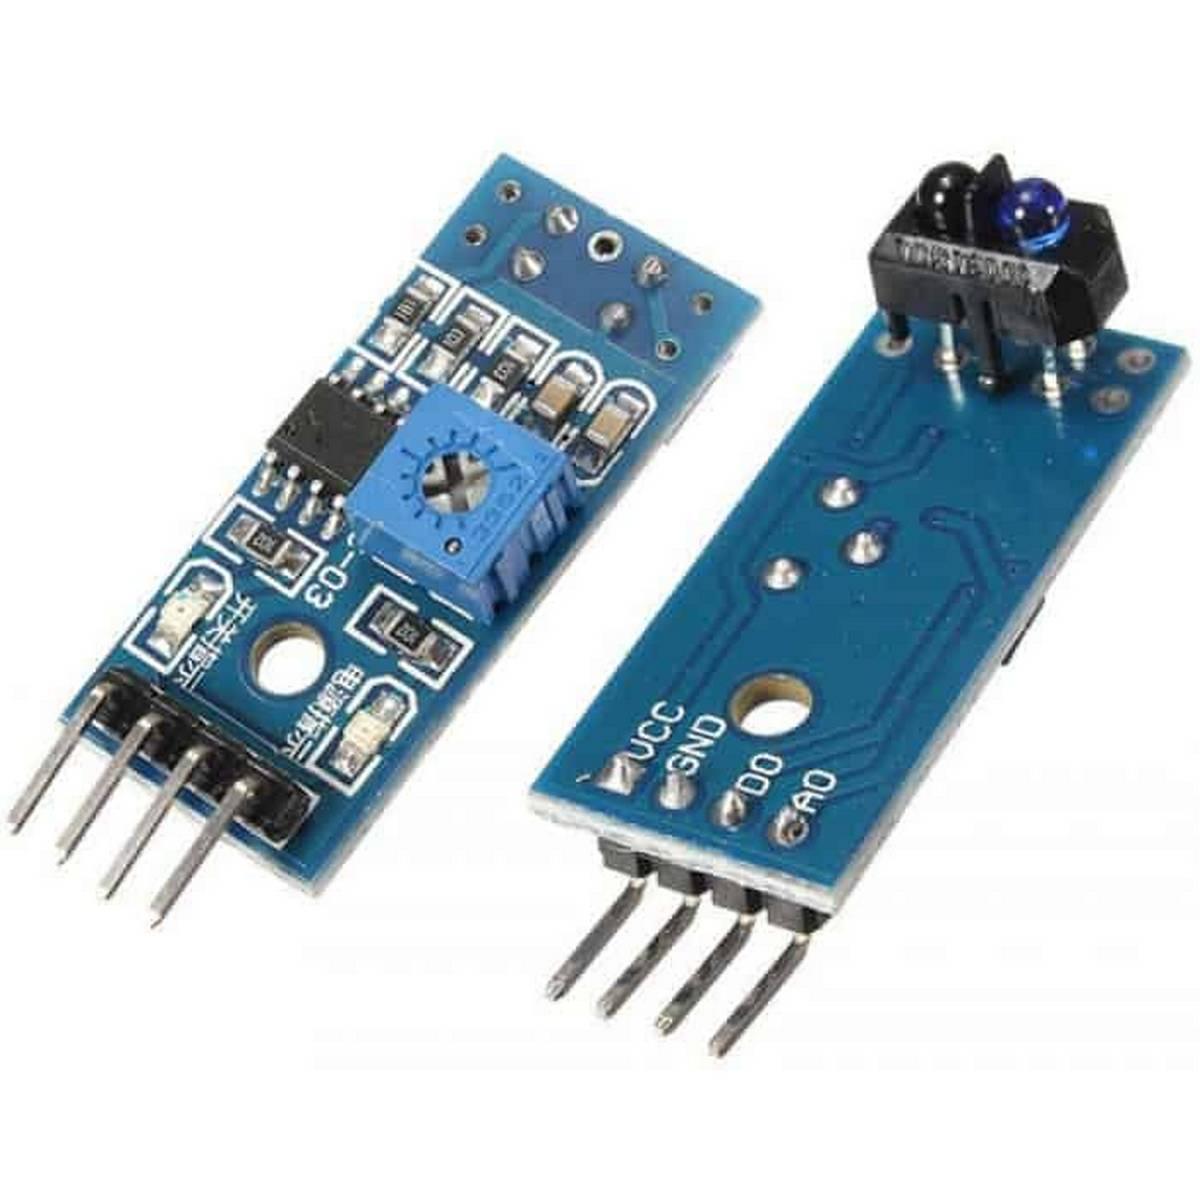 IR Sensor TCRT5000 Line Following OR Obstacle Robot Arduino IR Infrared Sensor Module